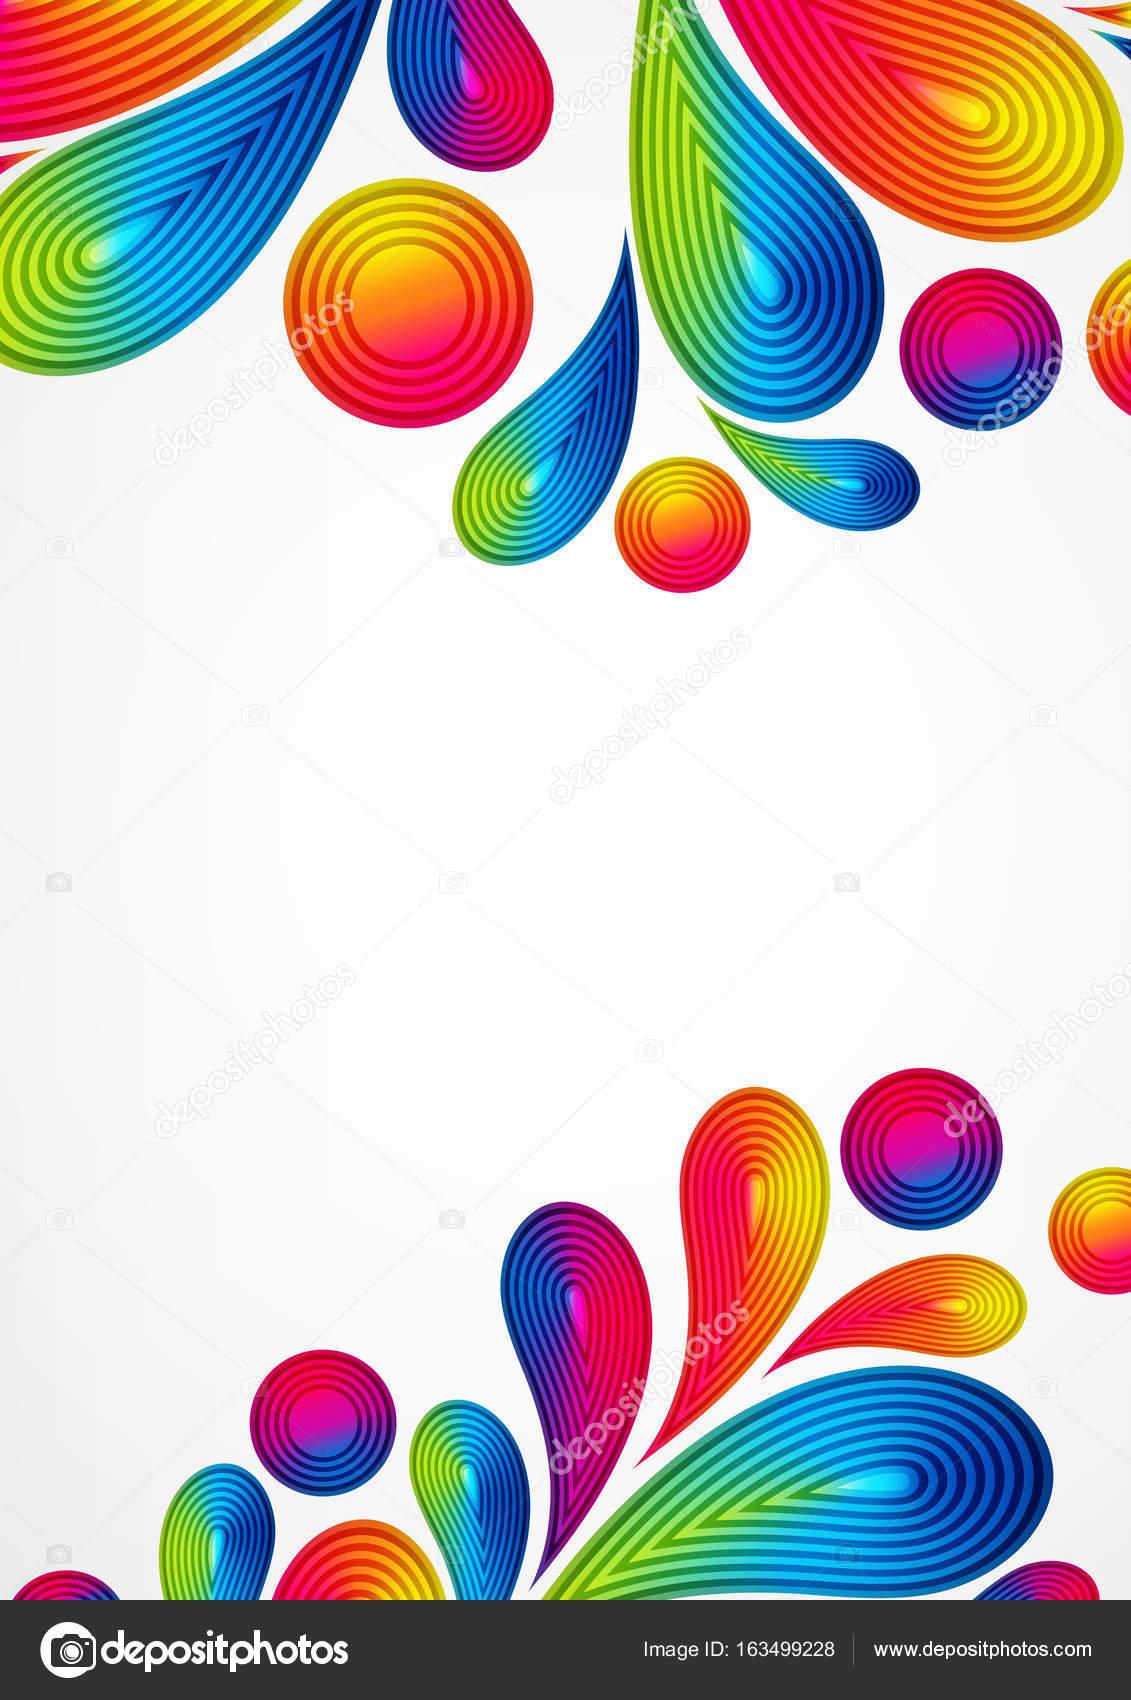 colores de fondo abstracto con rayas gotas salpicaduras diseño de